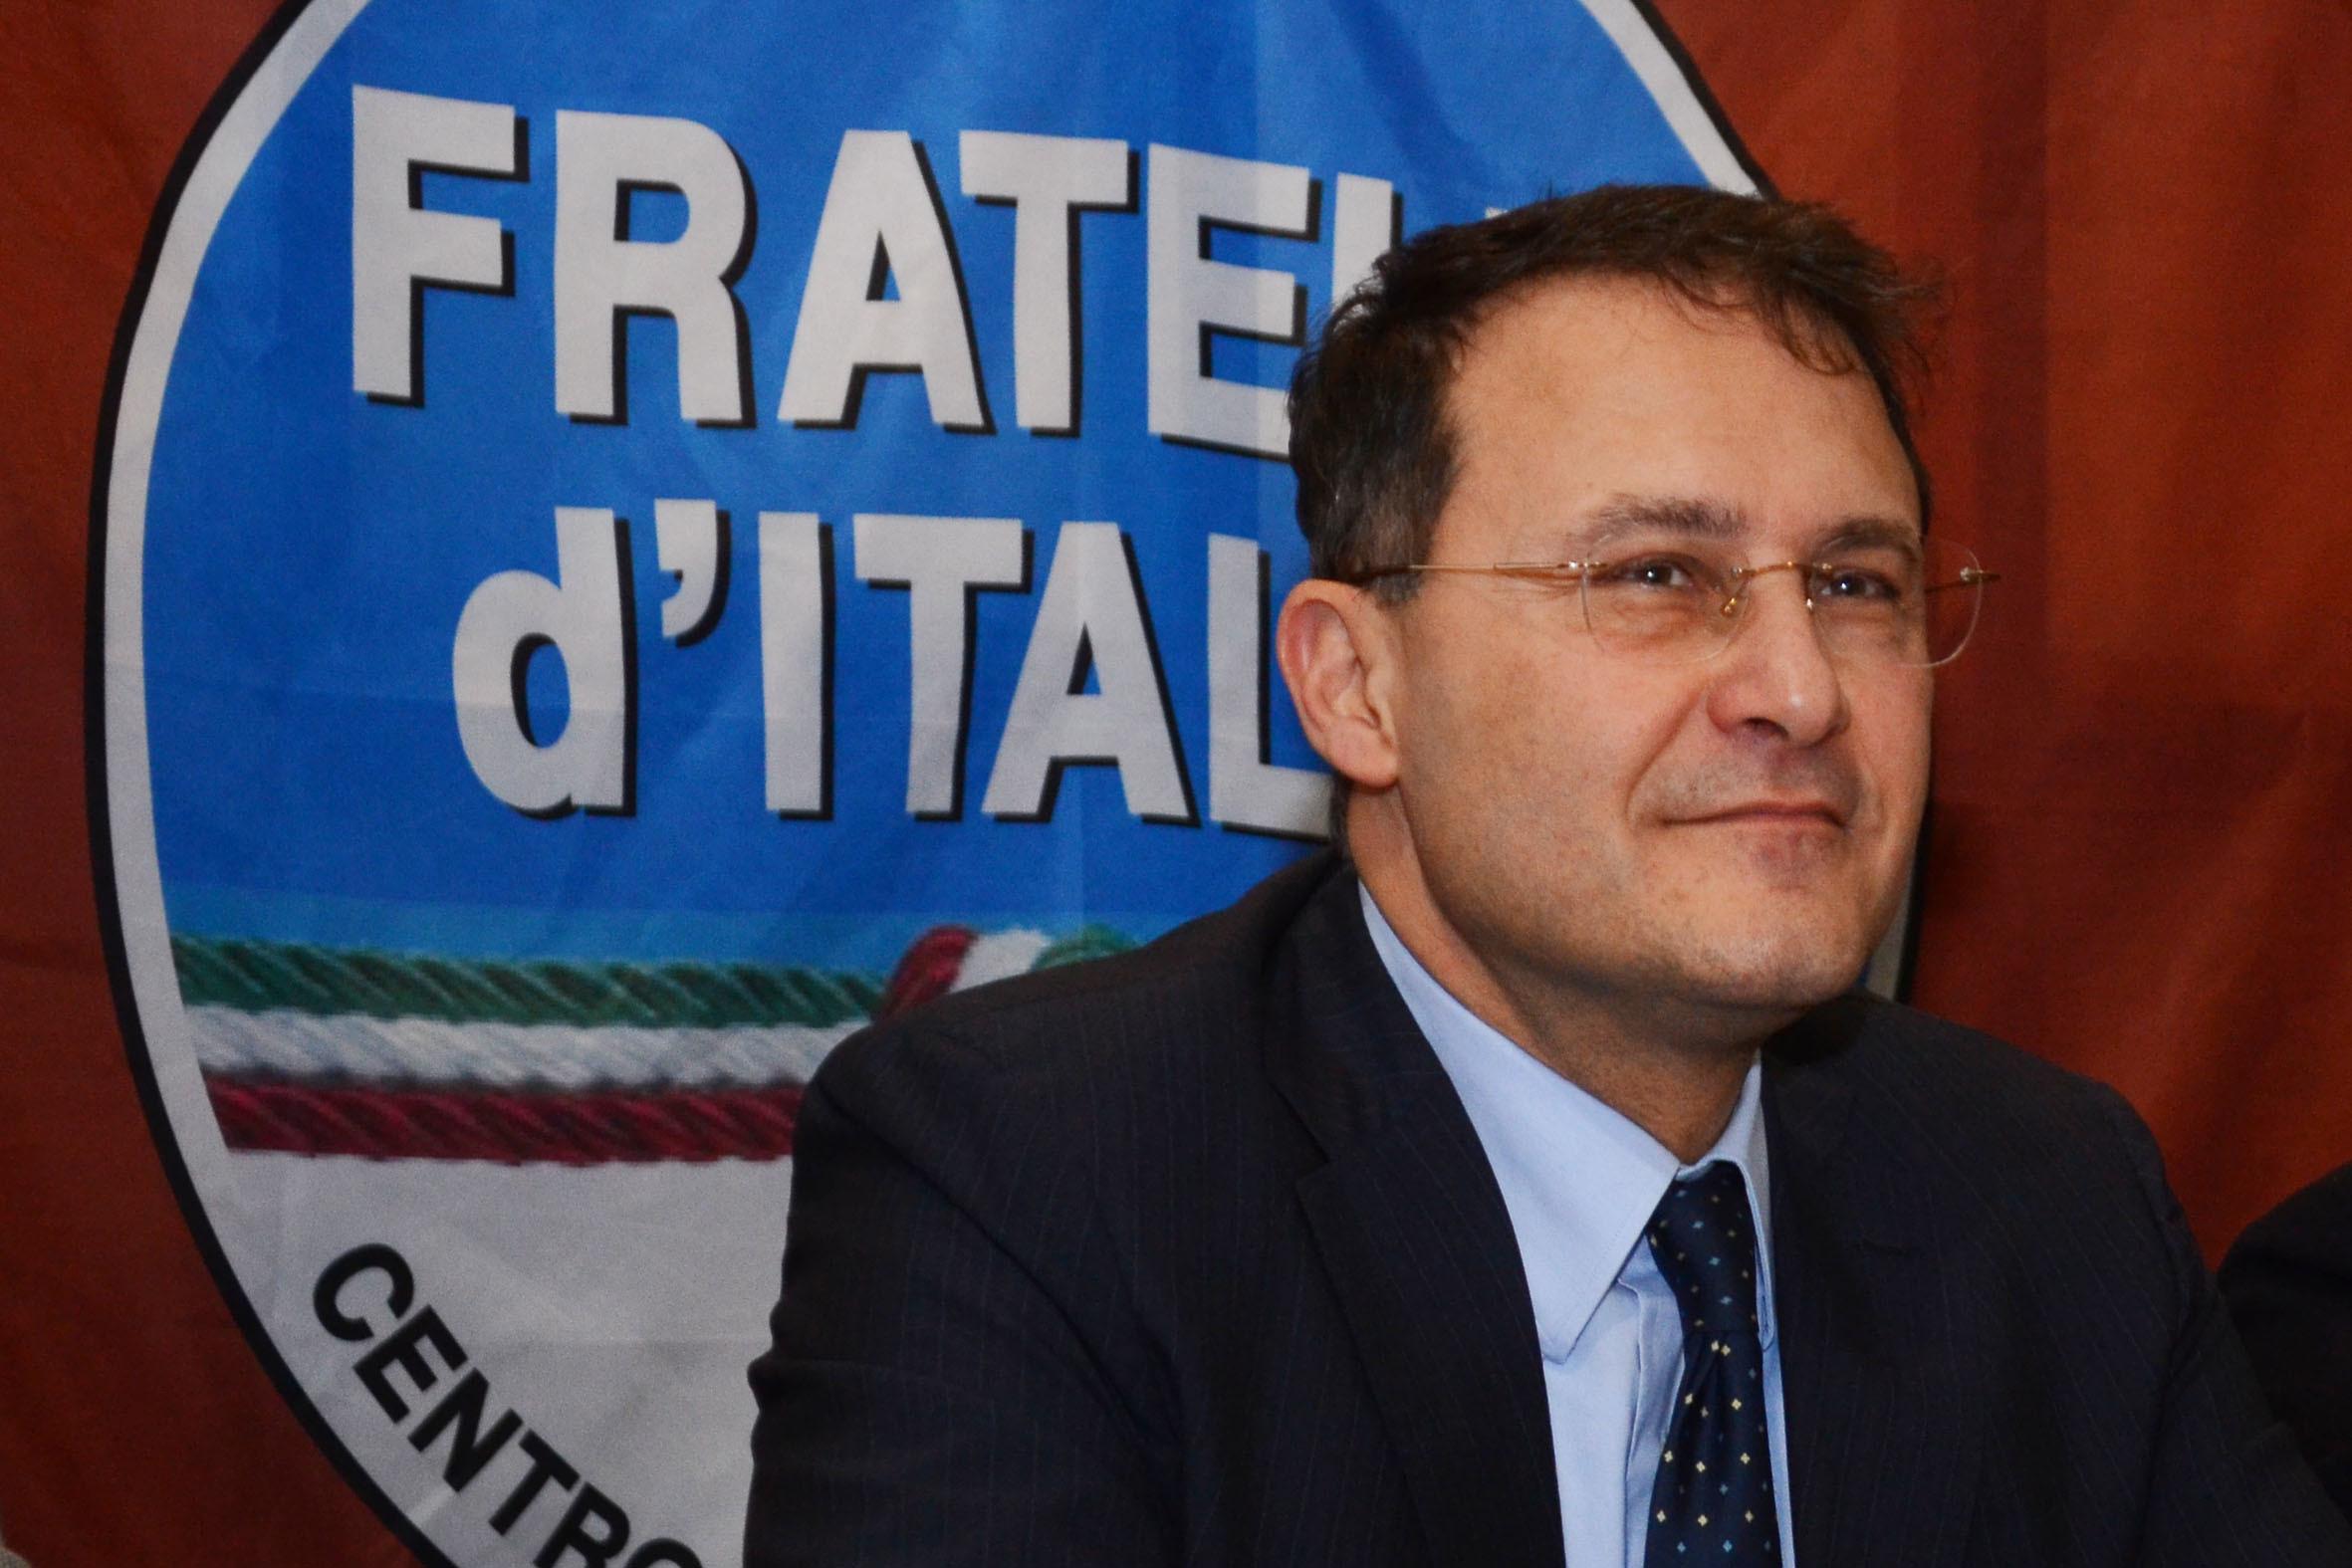 """Cilentana, Cirielli: """"Aspettiamo i fatti e non le chiacchiere"""""""